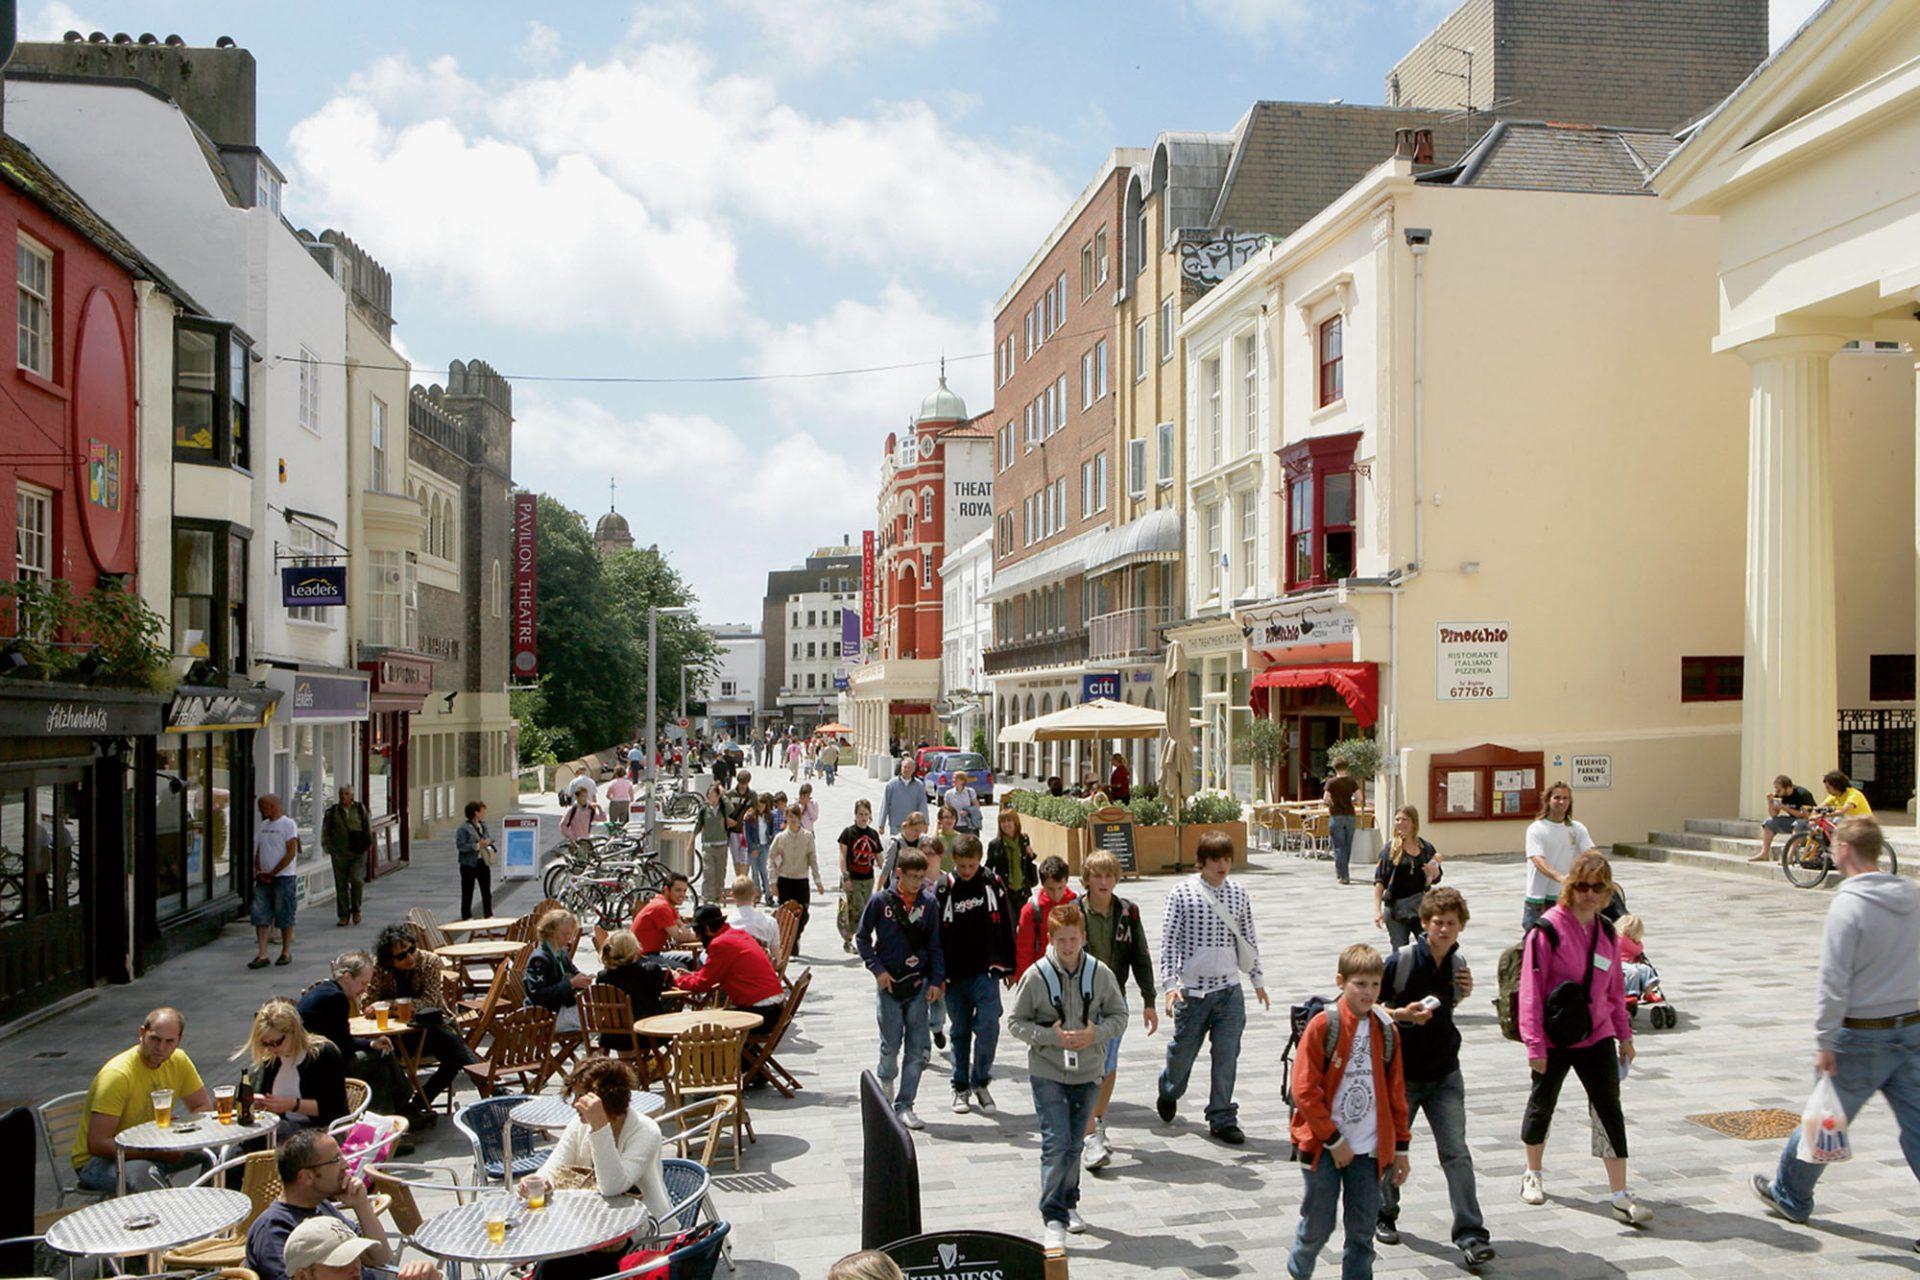 Das menschliche Maß. Seit die New Road in Brighton zu einer Fußgängerzone umgebaut wurde, hat sich der Fußgängerverkehr um 62 % erhöht.